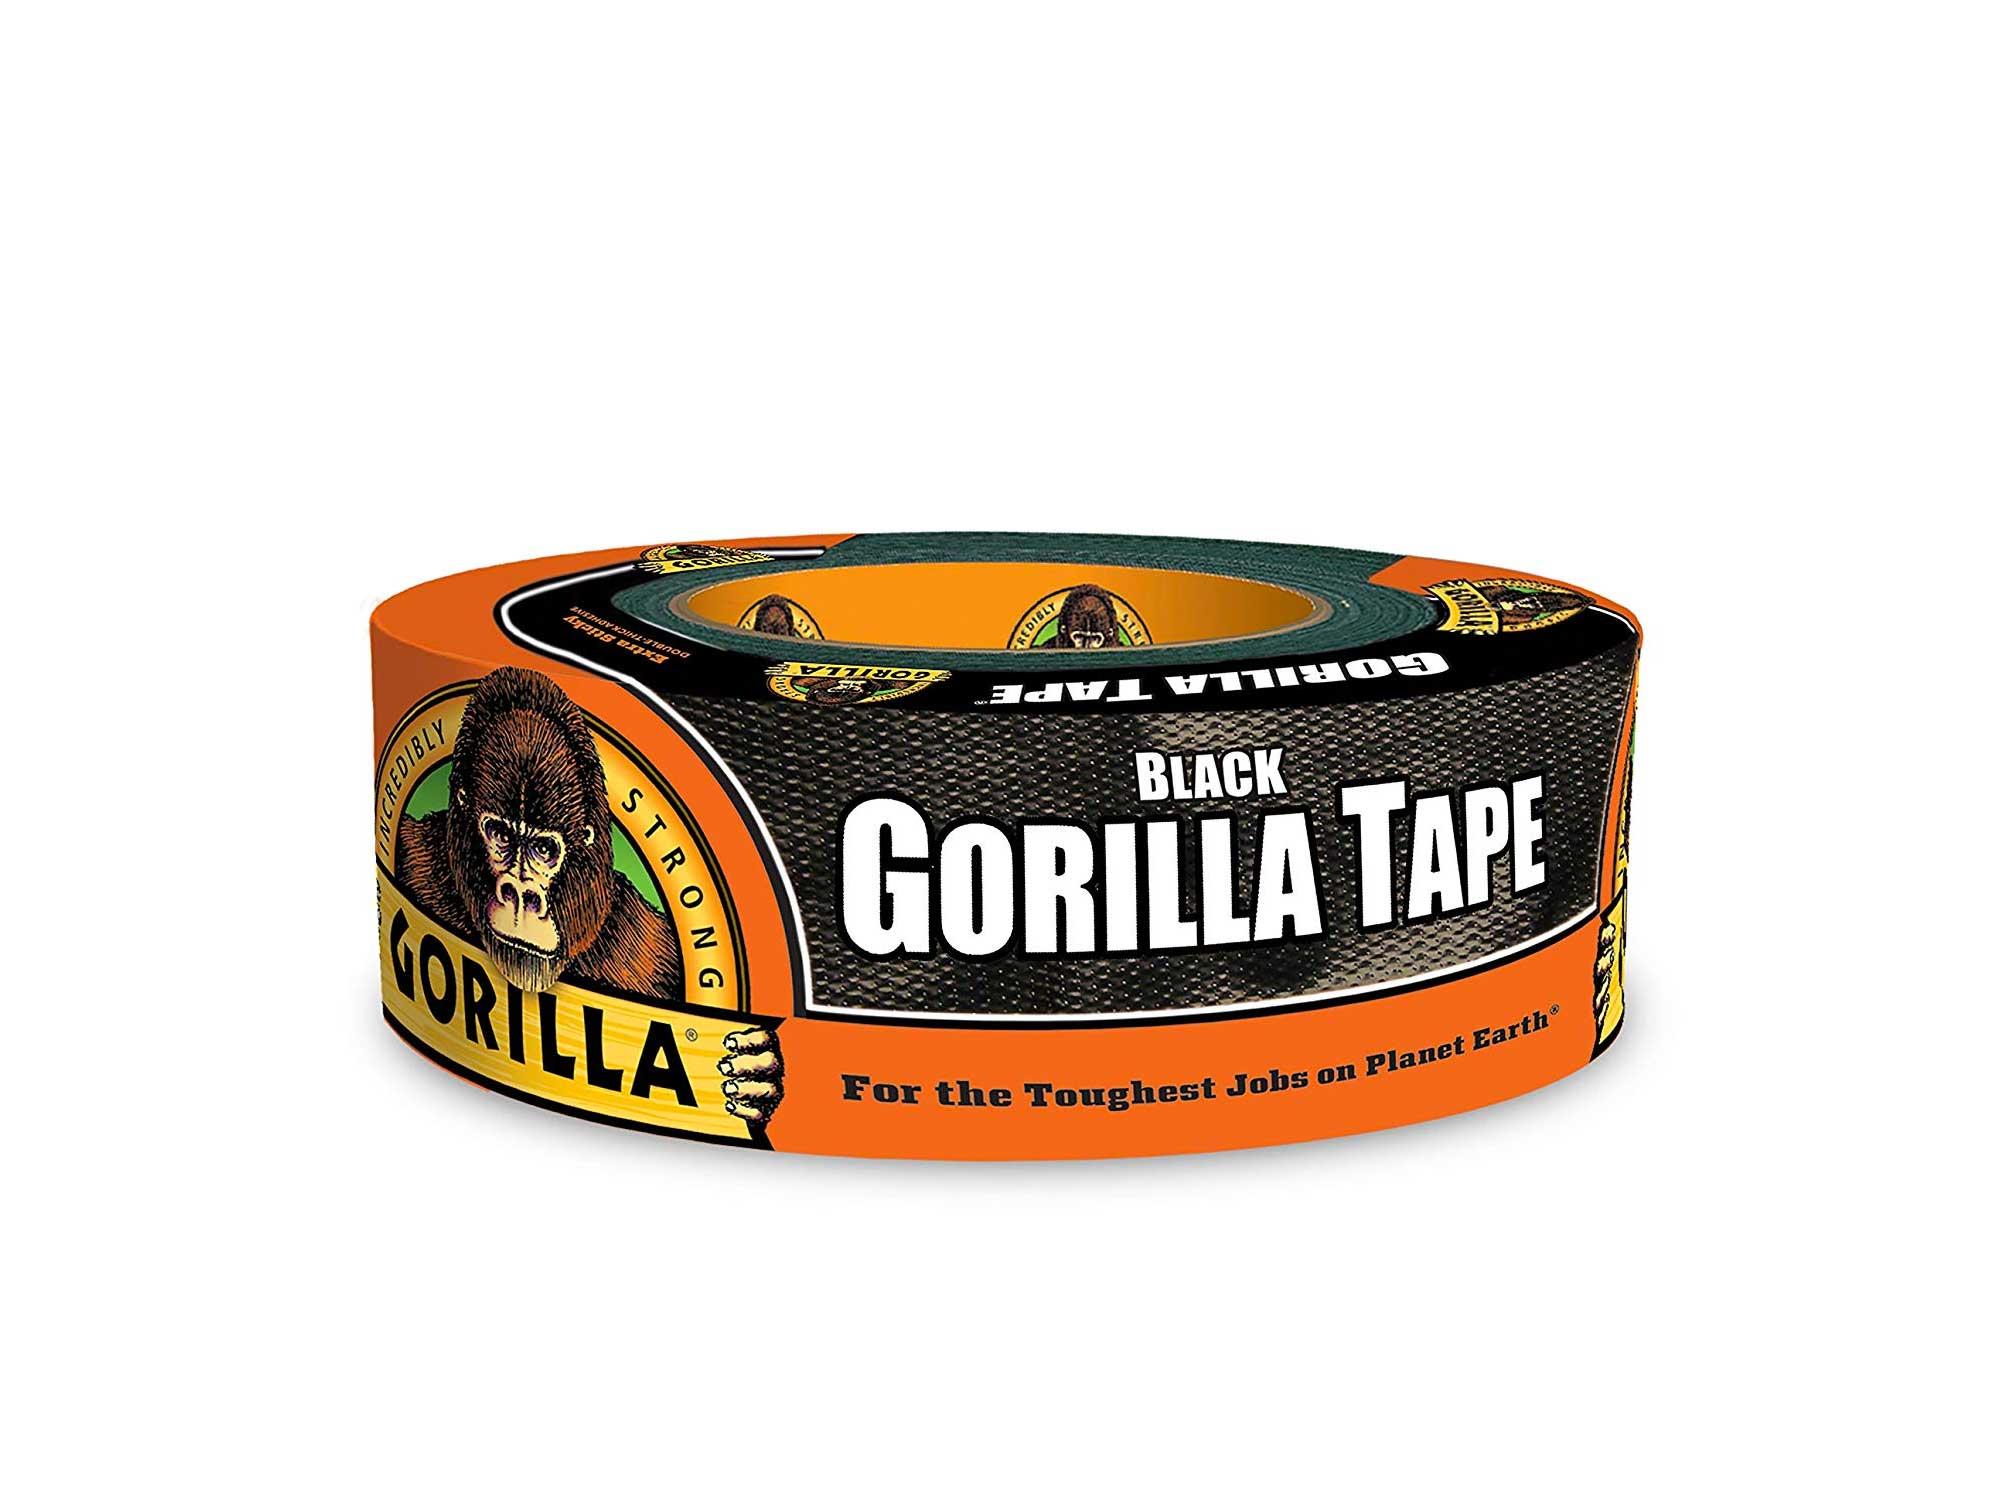 Black Gorilla duct tape